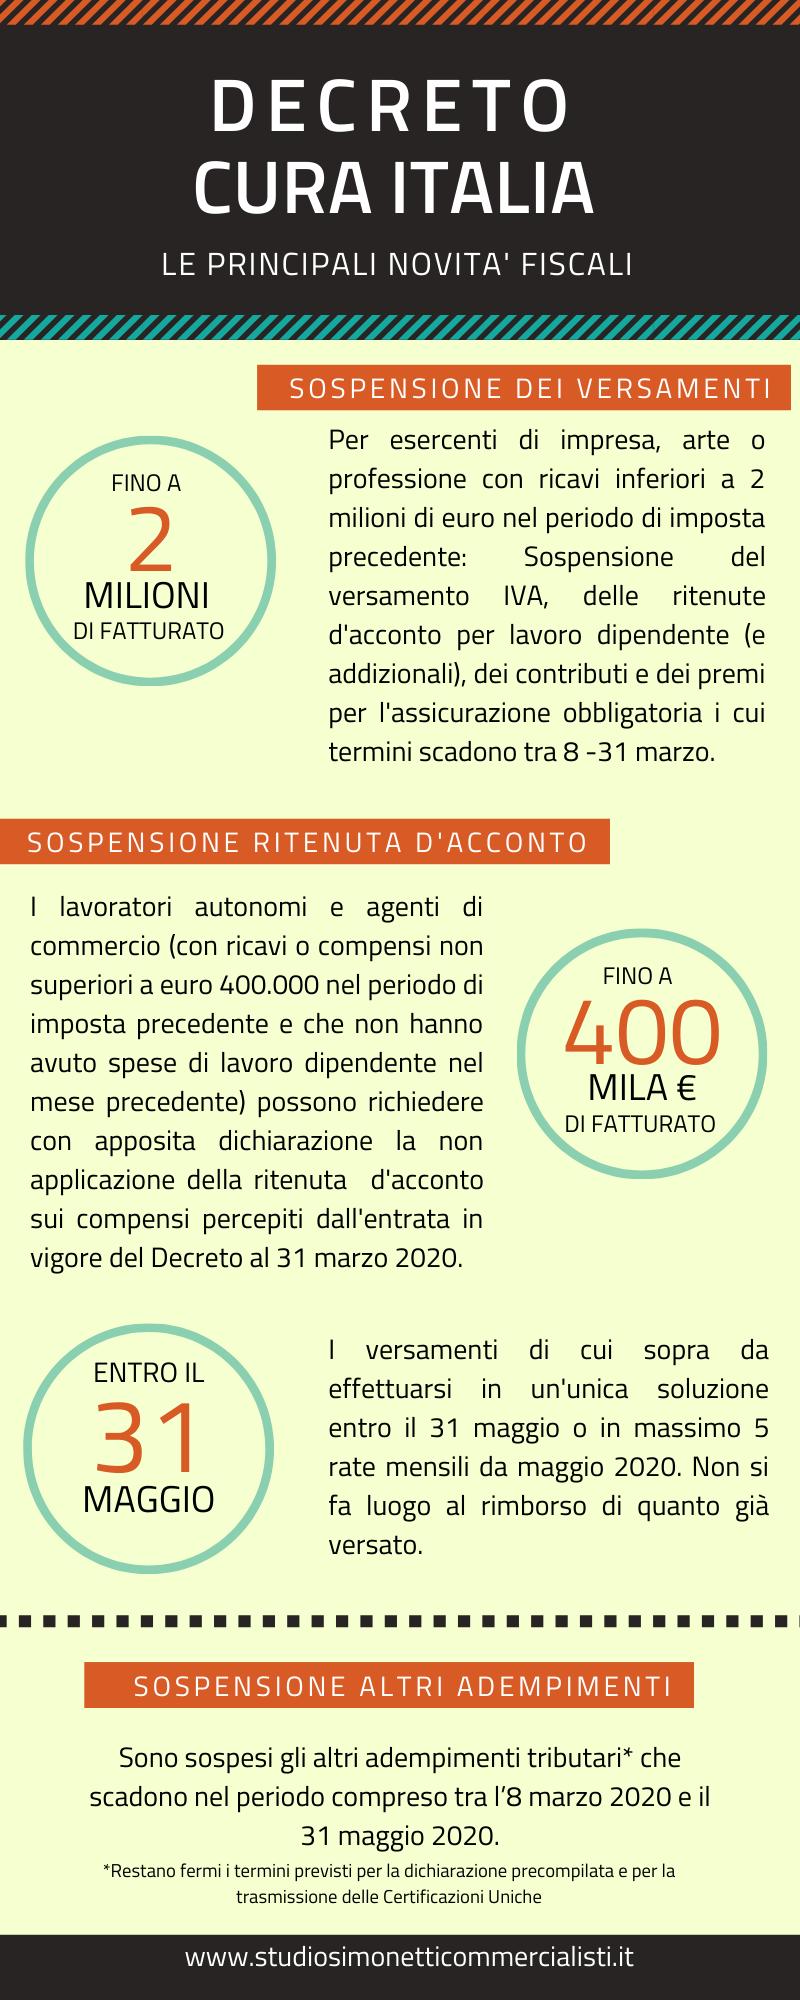 Scopri tutte le novità del decreto Cura Italia